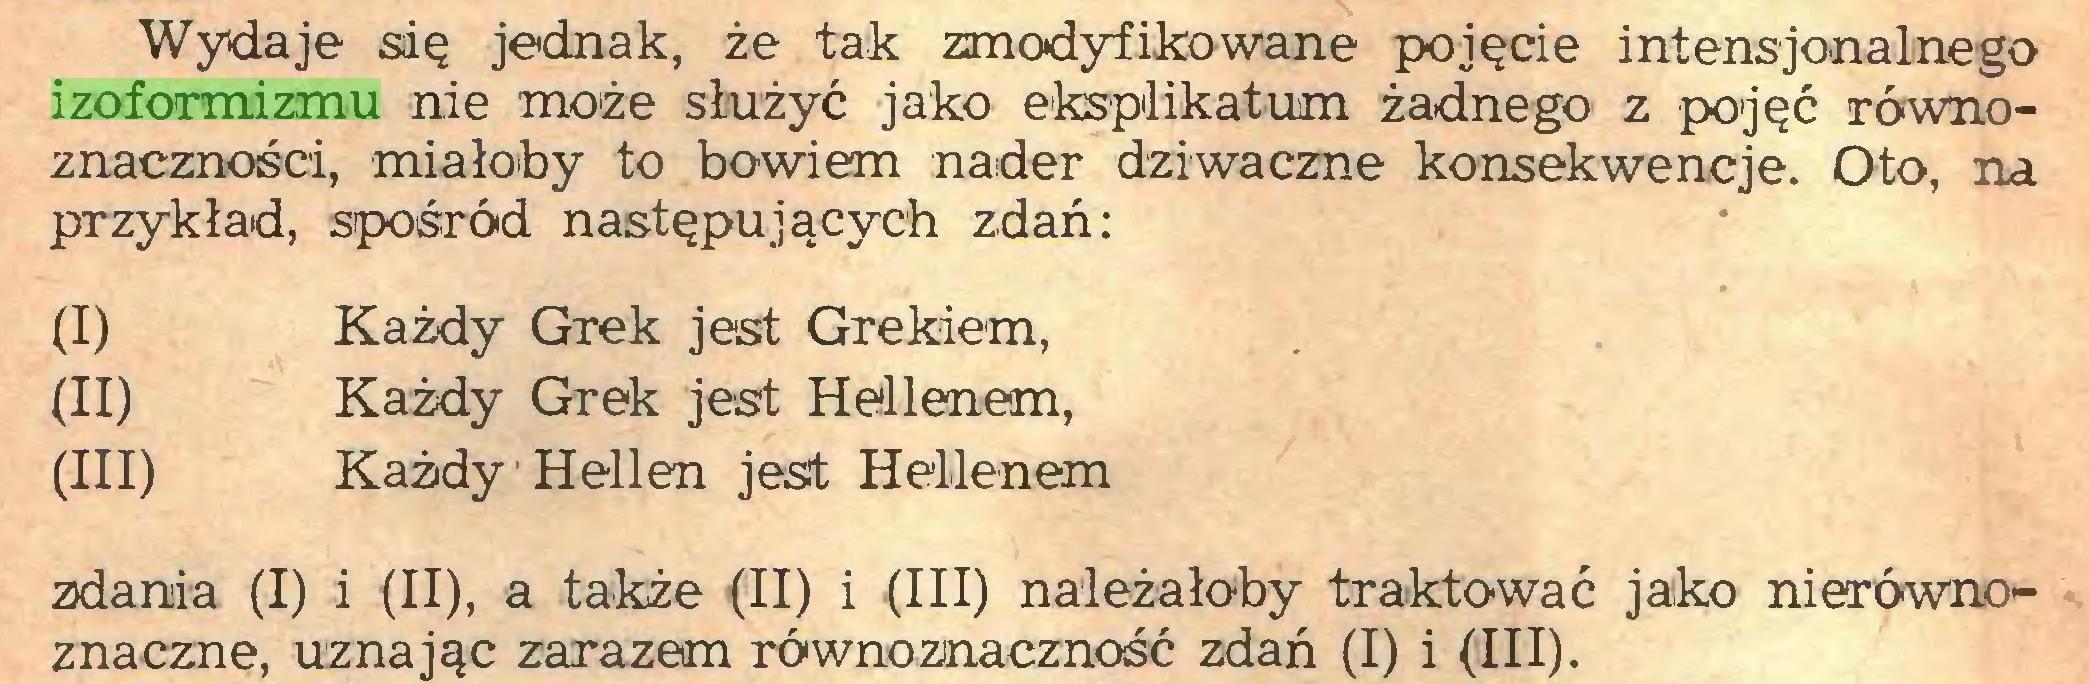 (...) Wydaje się jednak, że tak zmodyfikowane pojęcie intensjonalnego izoformizmu nie może służyć jako eksplikatum żadnego z pojęć równoznaczności, miałoby to bowiem nader dziwaczne konsekwencje. Oto, na przykład, spośród następujących zdań: (I) Każdy Grek jest Grekiem, (II) Każdy Grek jest Hellenem, (III) Każdy Hellen jest Hellenem zdania (I) i (II), a także (II) i (III) należałoby traktować jako nierównoznaczne, uznając zarazem równoznaczność zdań (I) i (III)...